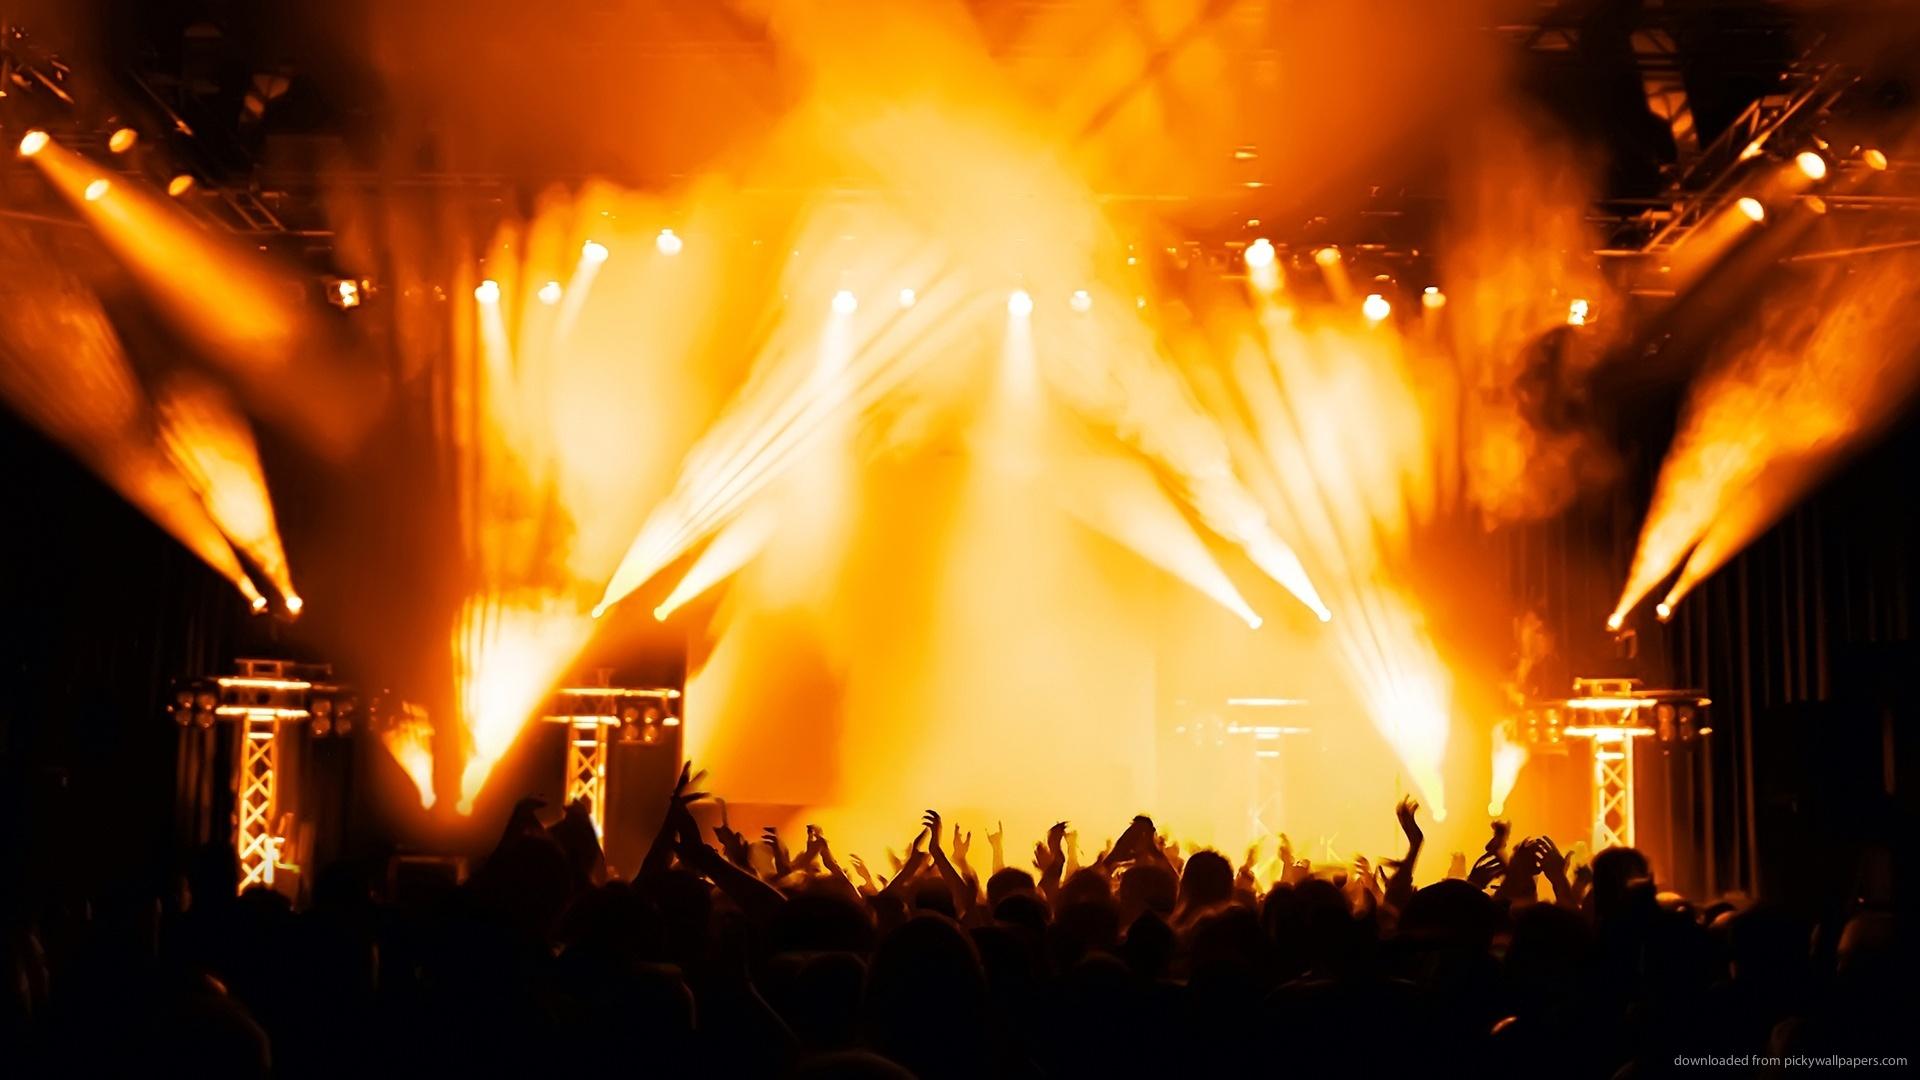 Music Concert Wallpaper